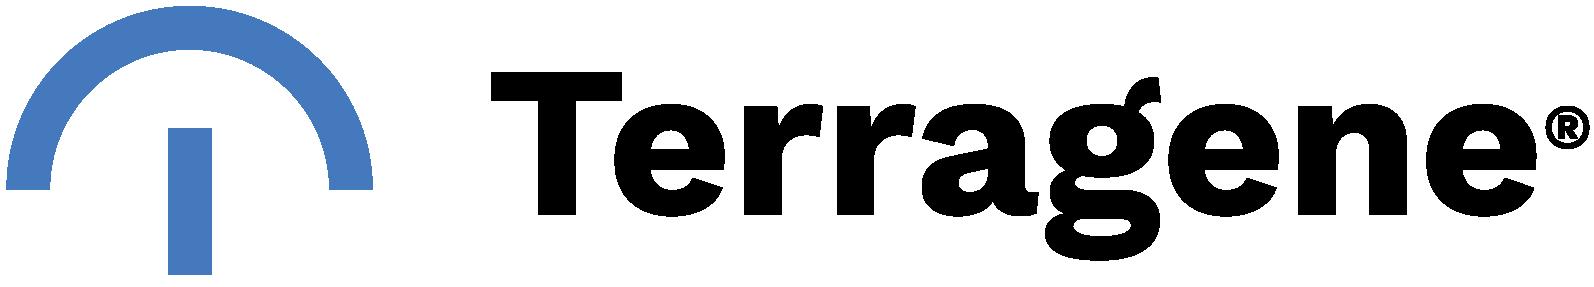 Terragene-02